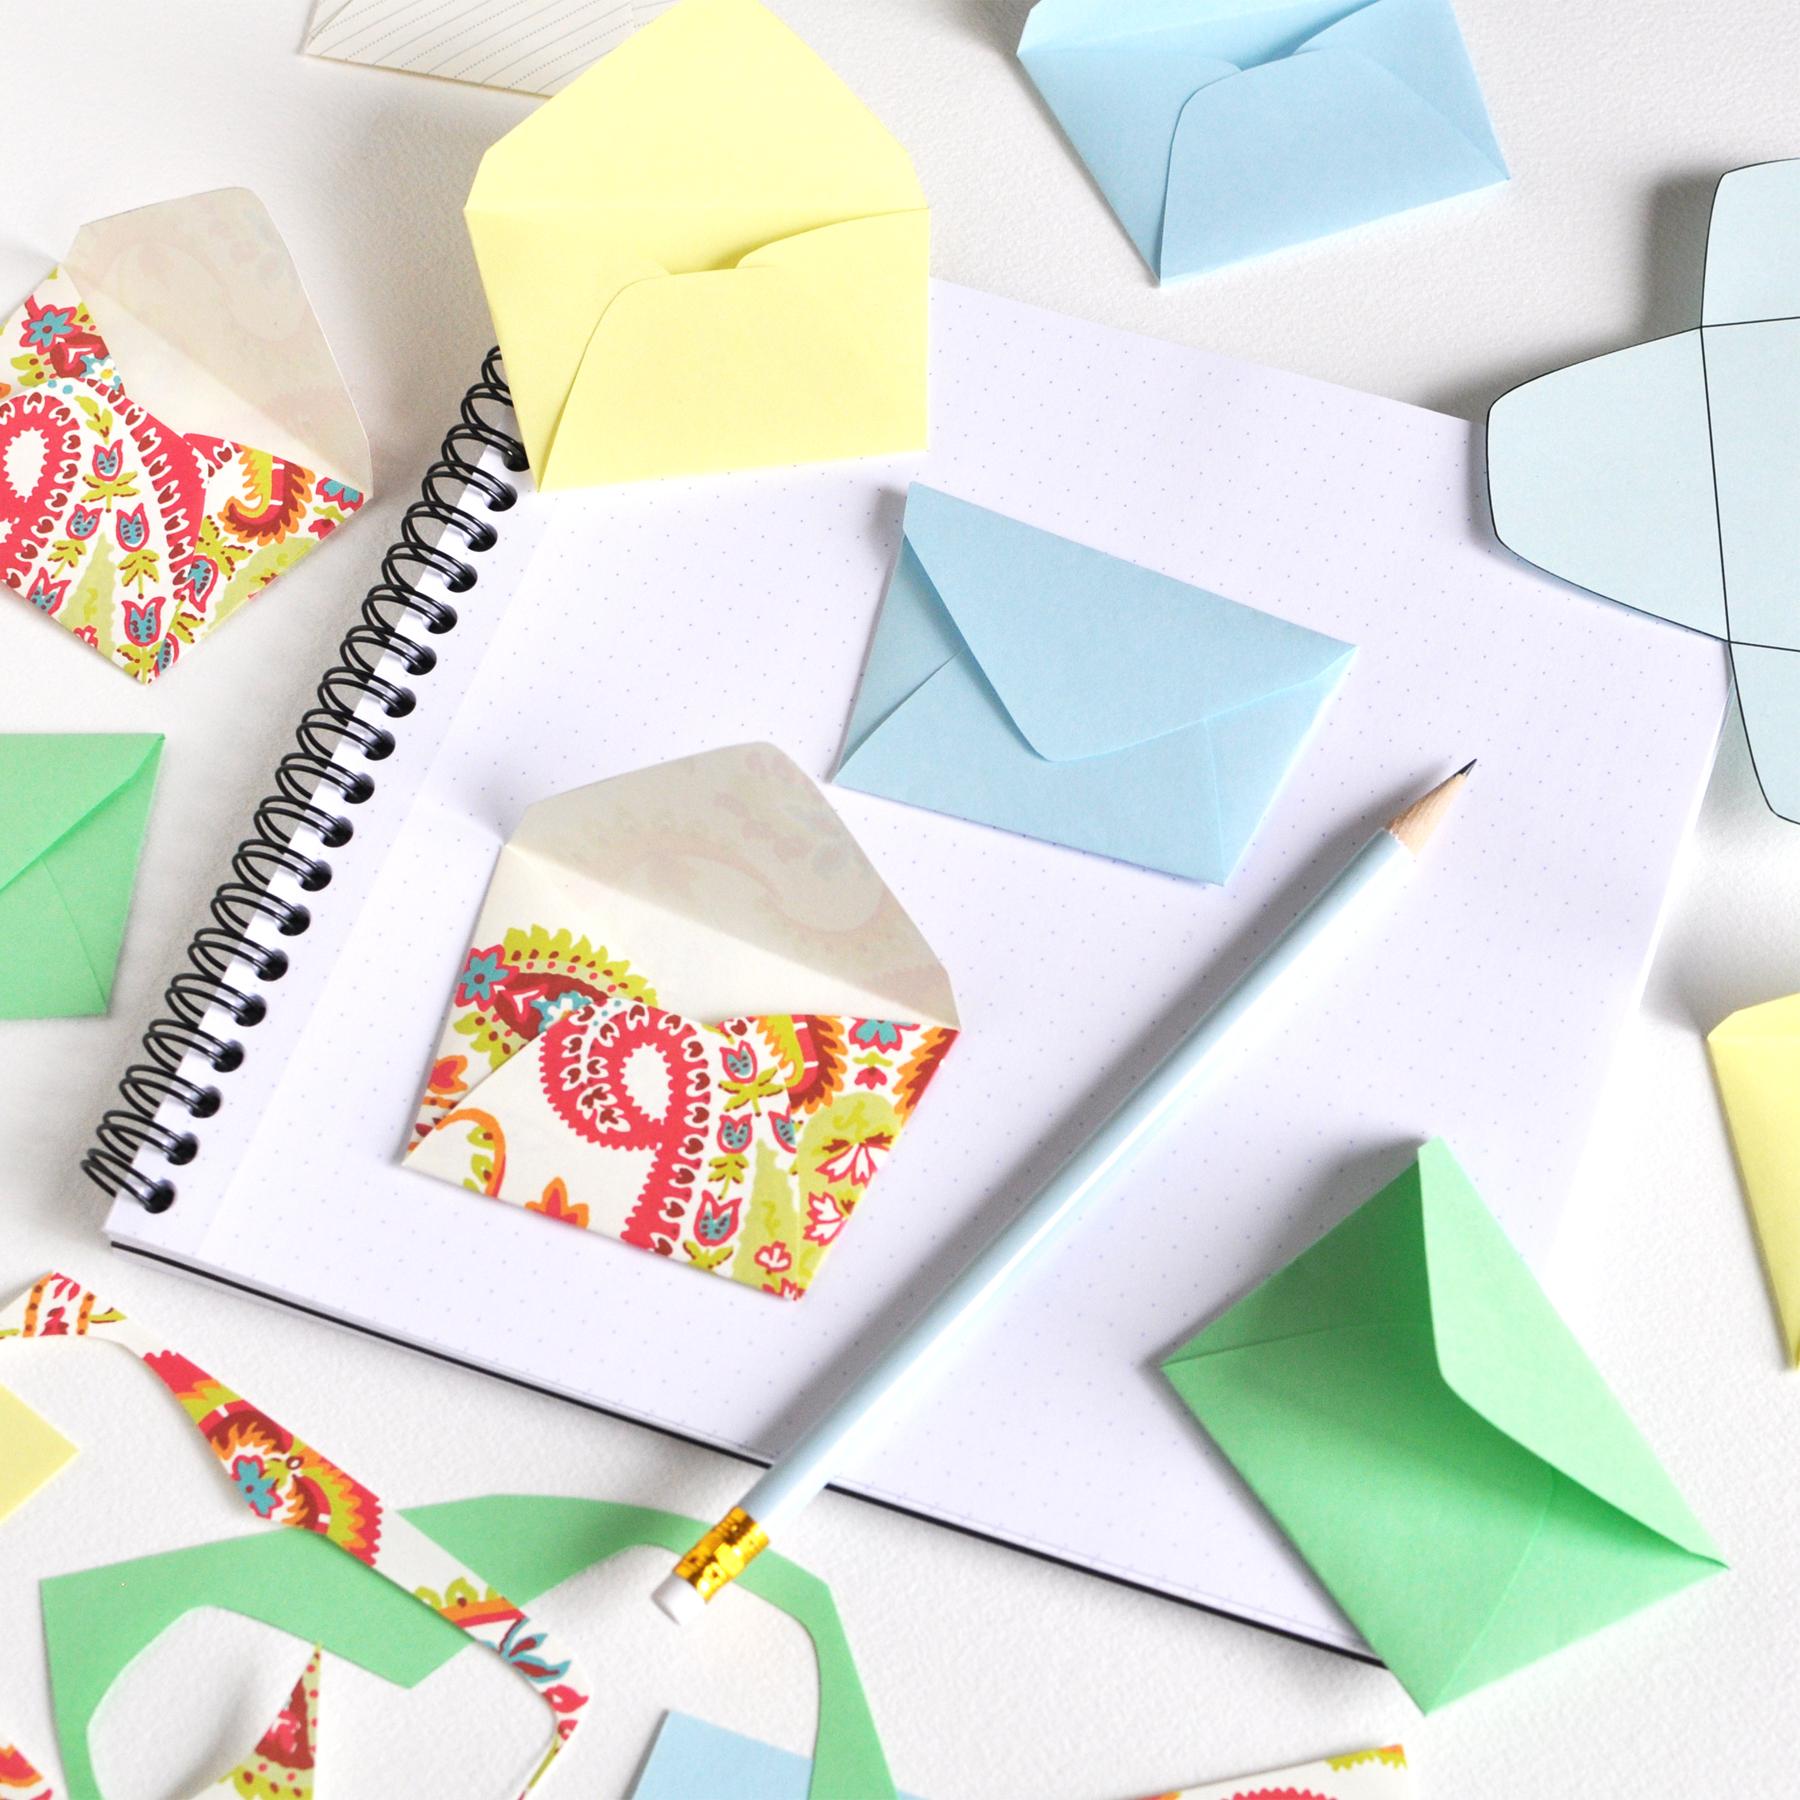 10-05-2019-Irregular-Envelopes-by-Christie-Zimmer.jpg